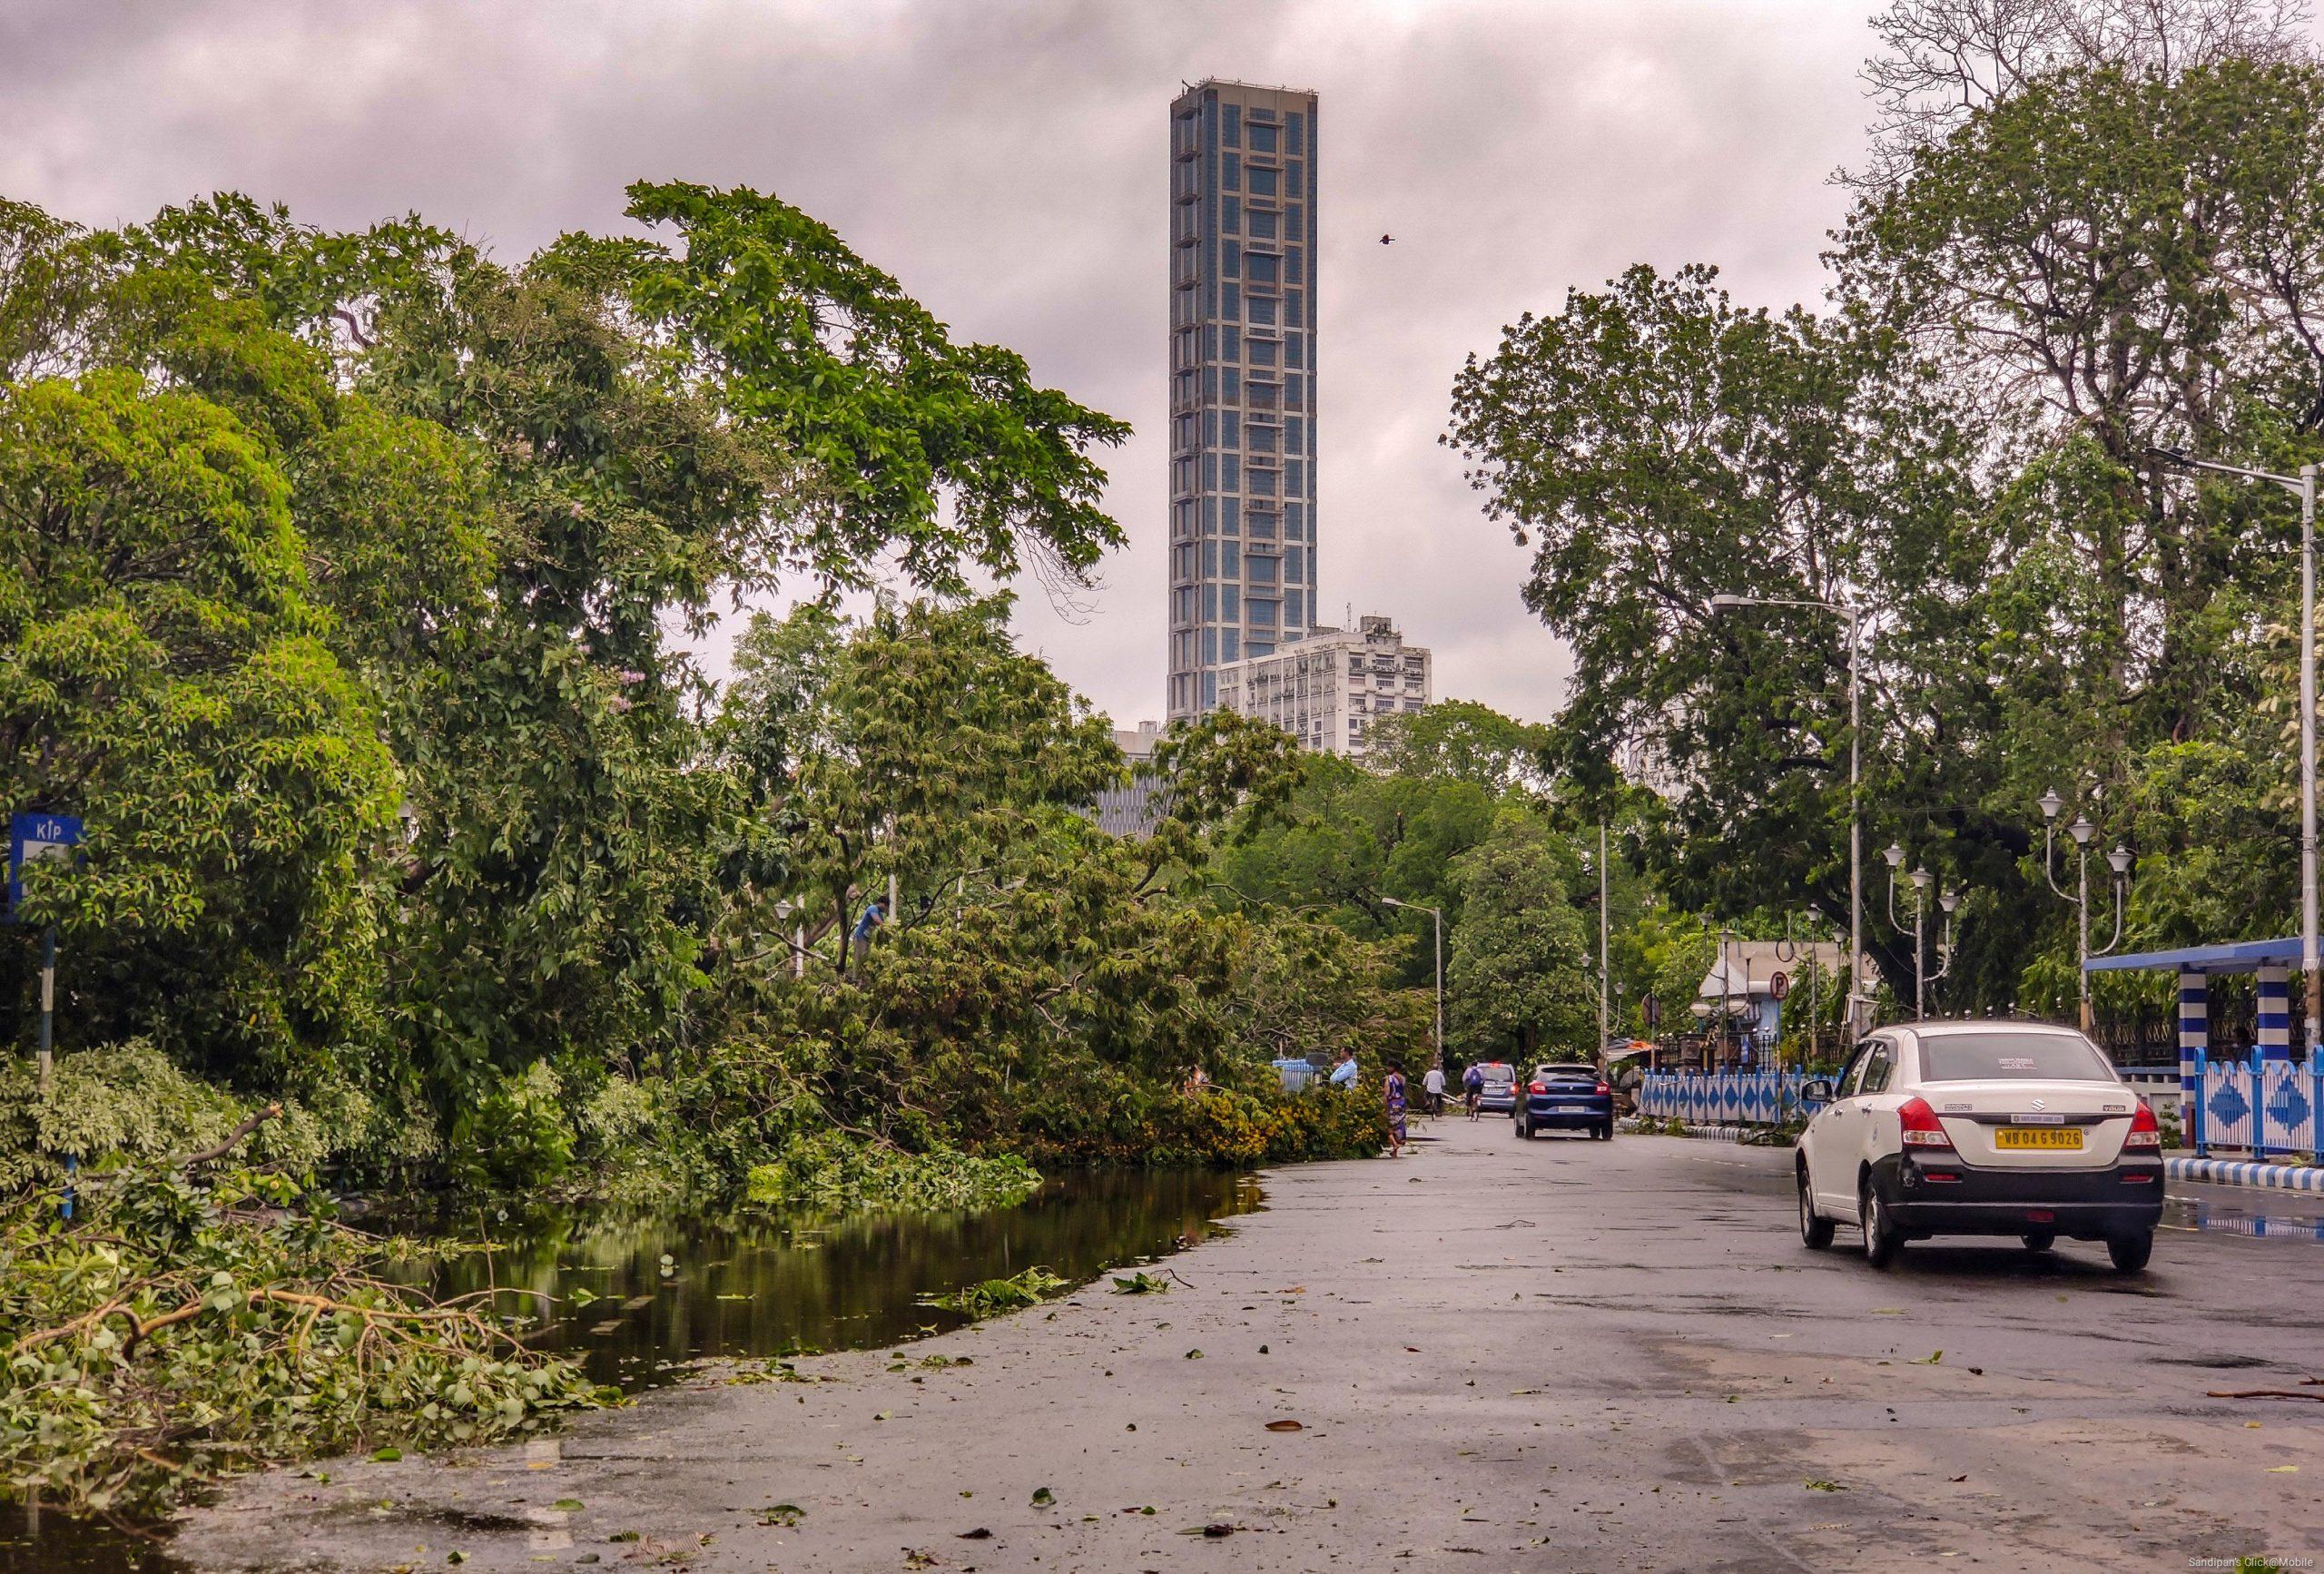 Trees fallen on road